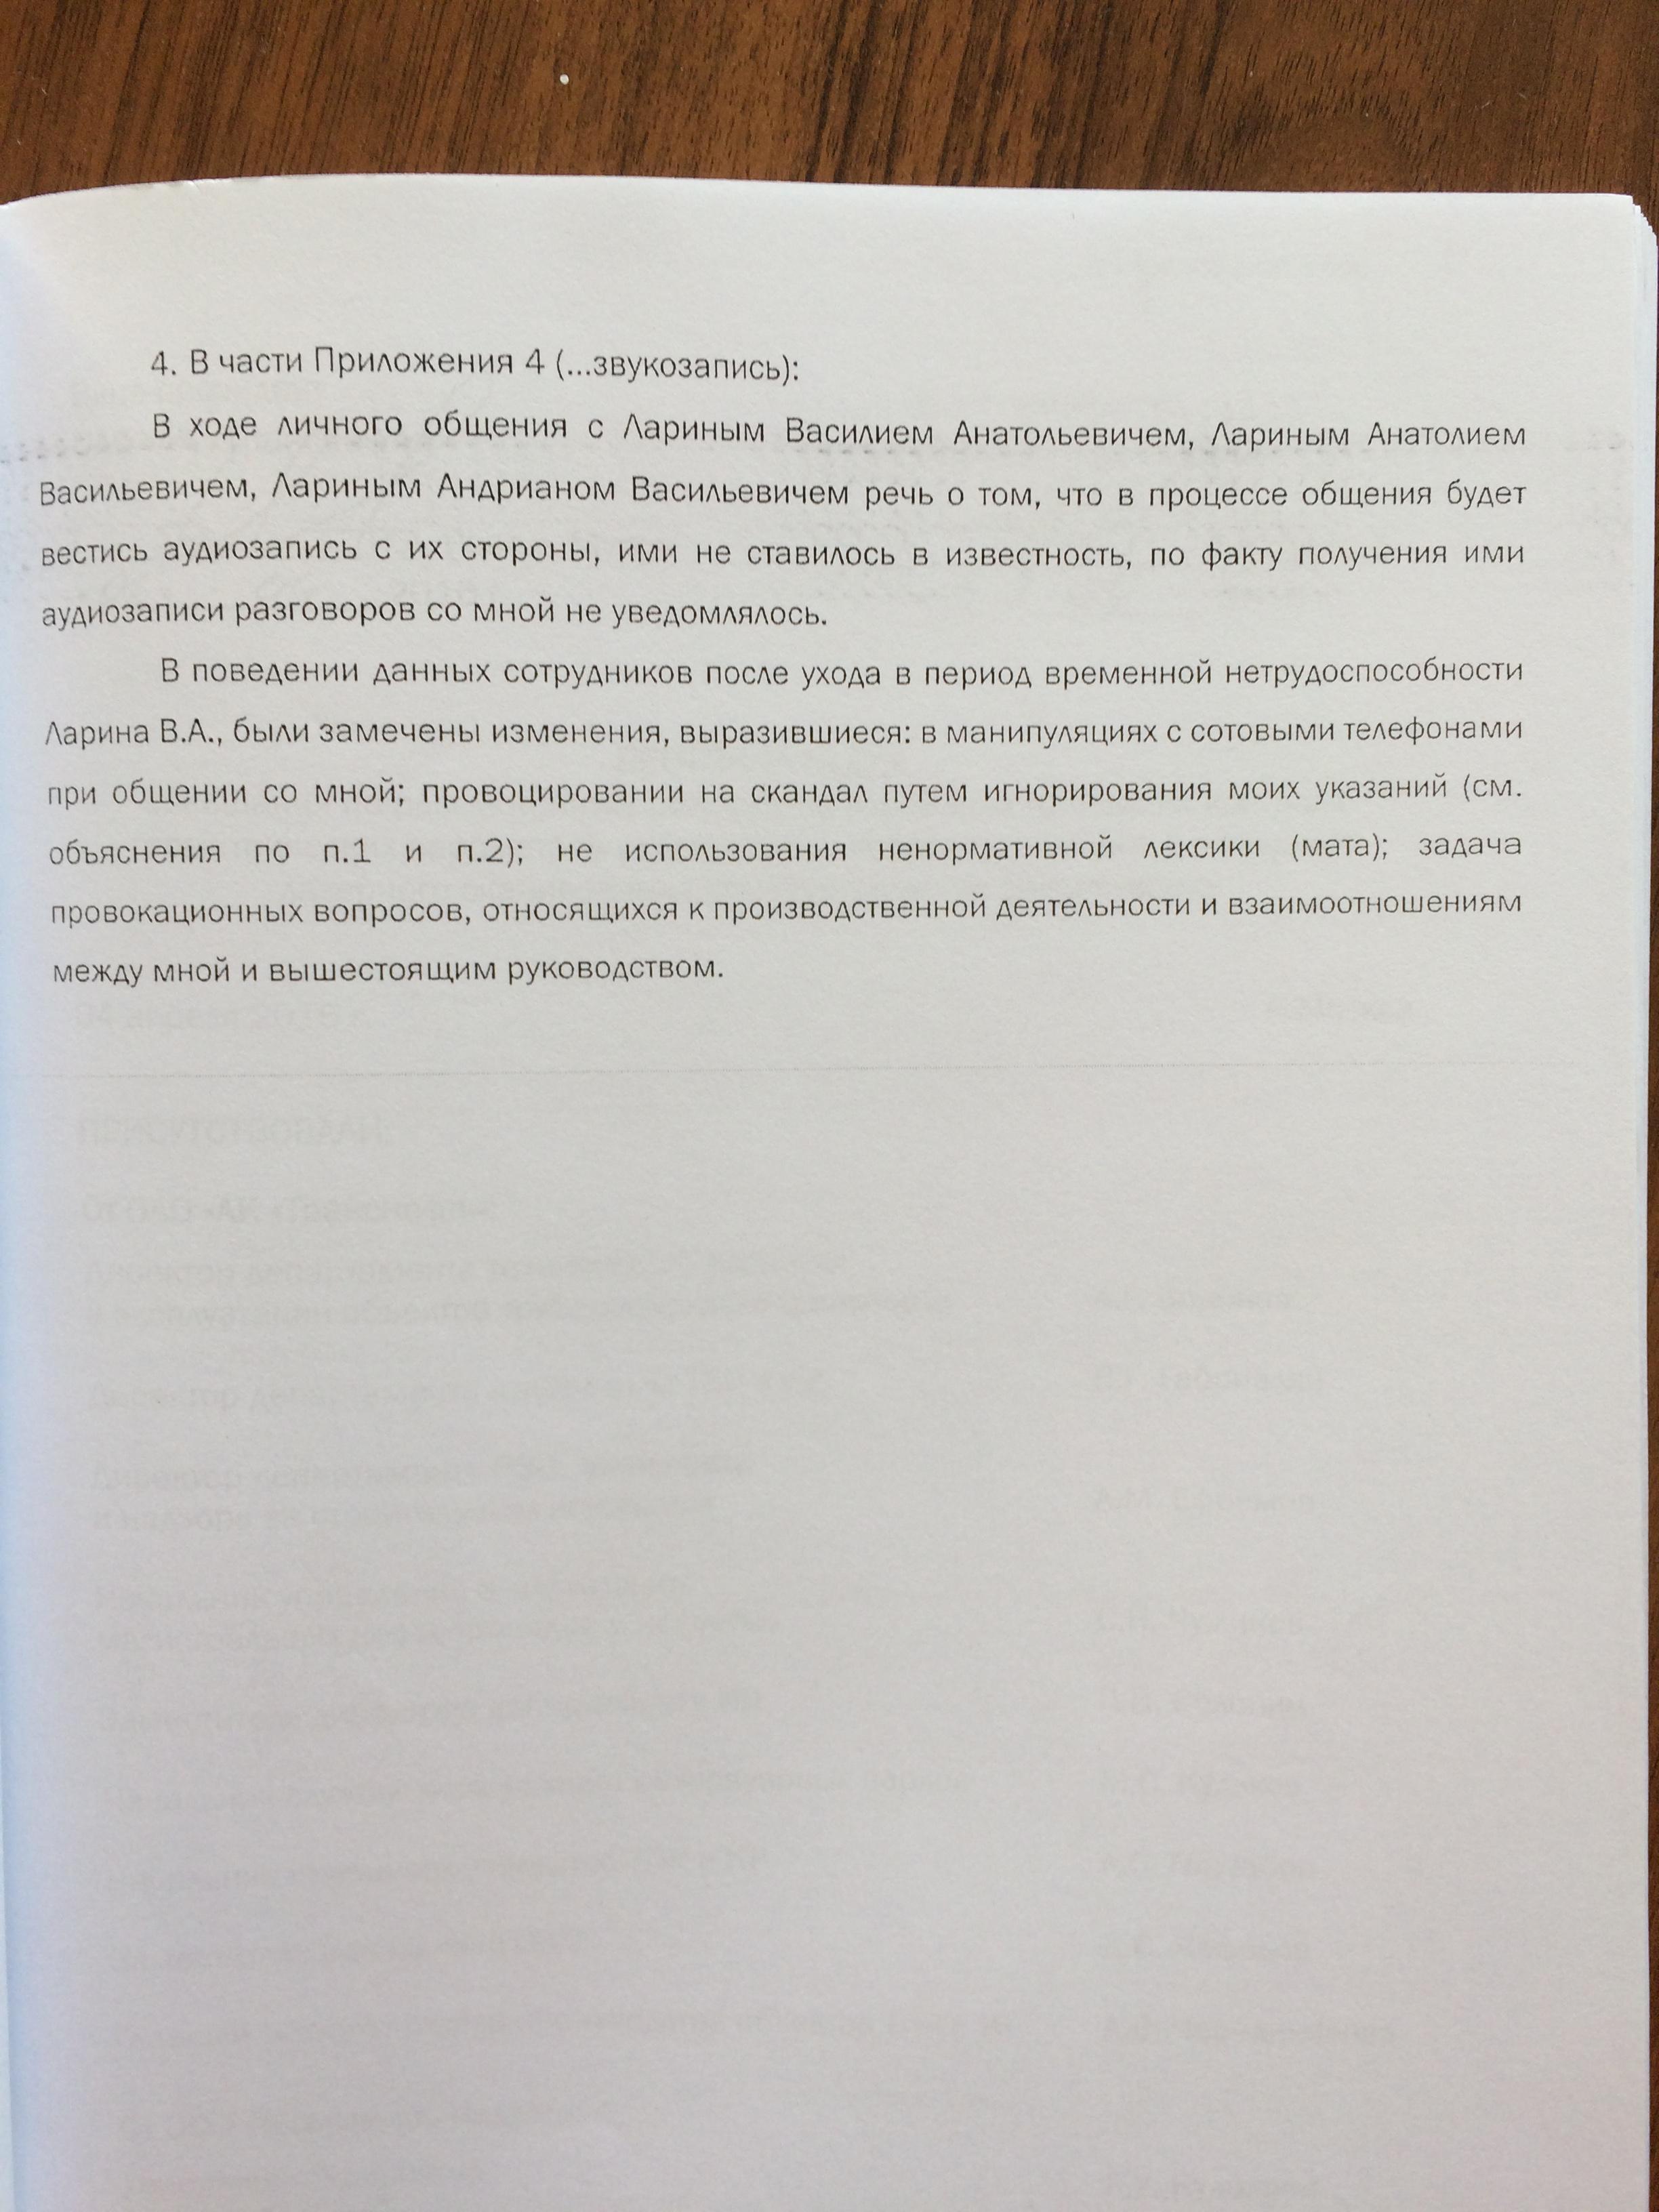 Фото документов проверки Луховицкой городской прокуратурой - 85 (5)